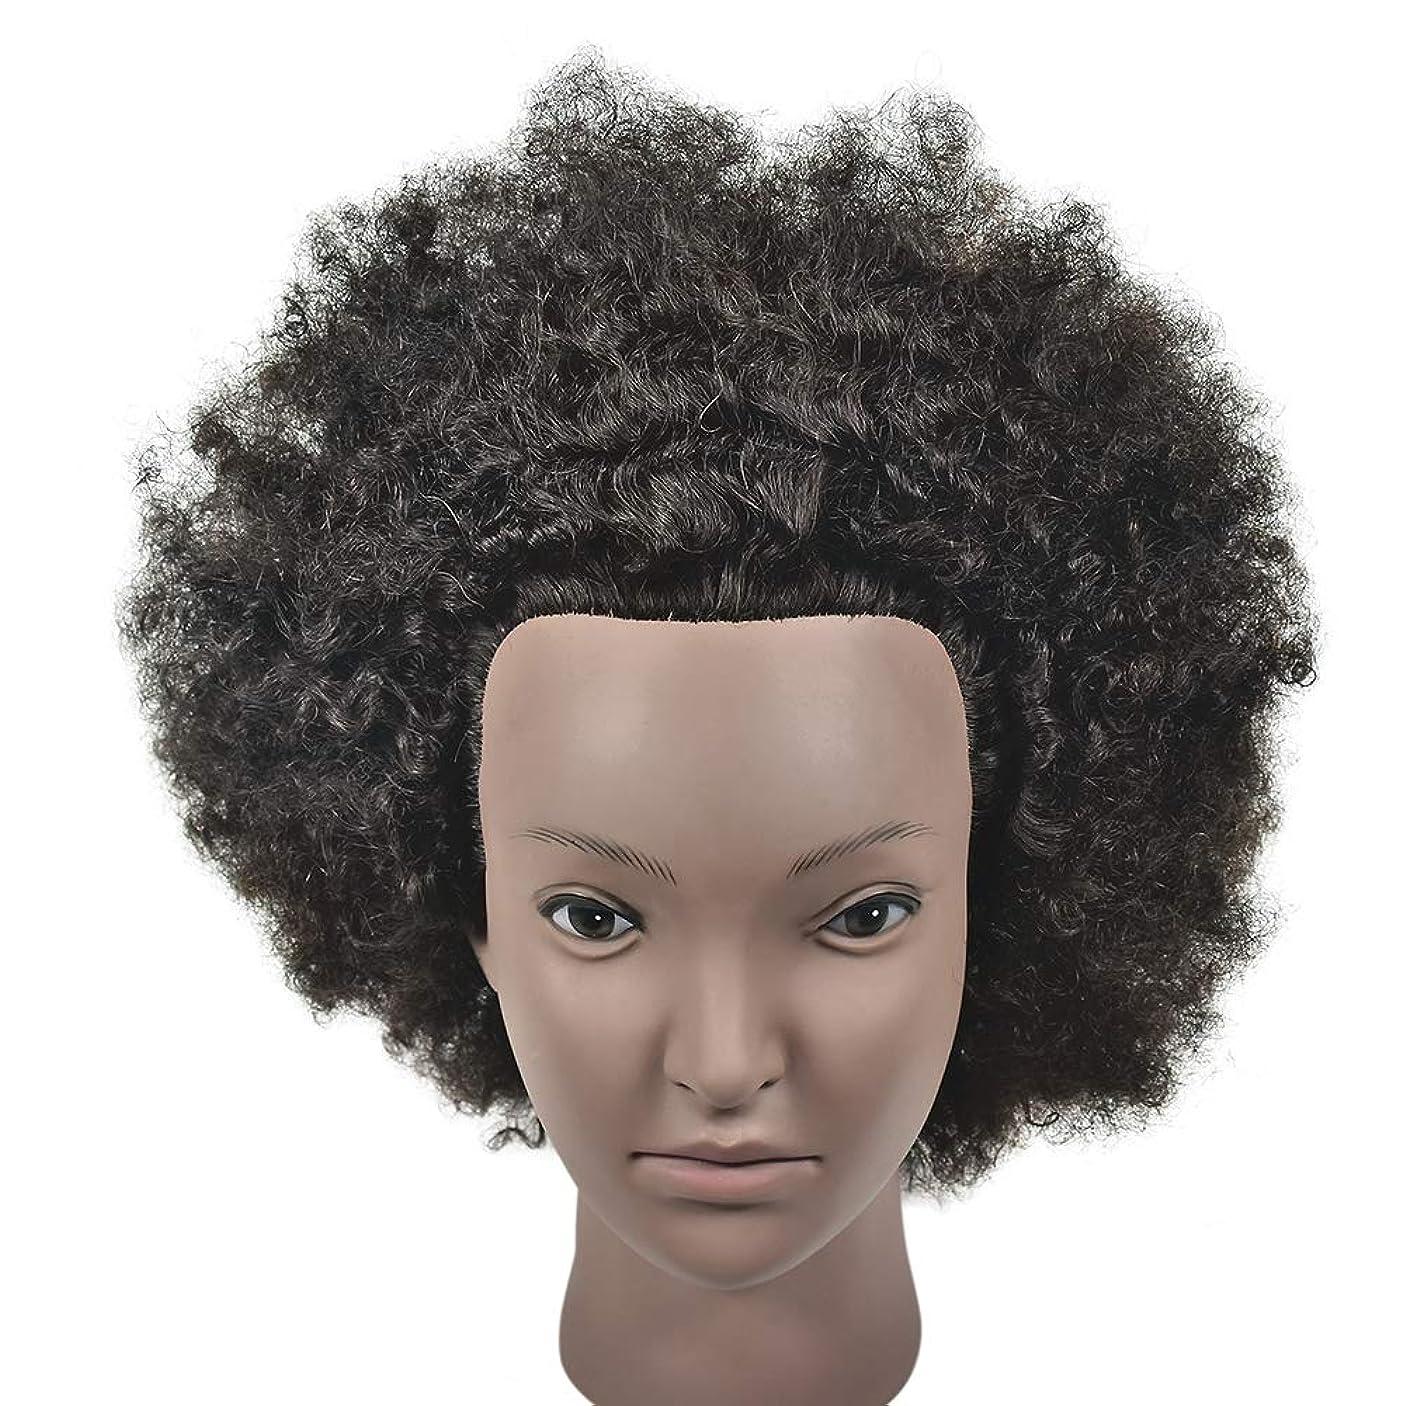 実験室上下する装置理髪店トリミングヘアエクササイズヘッドモールドメイクモデリング学習マネキンダミー爆発ヘッドブラック